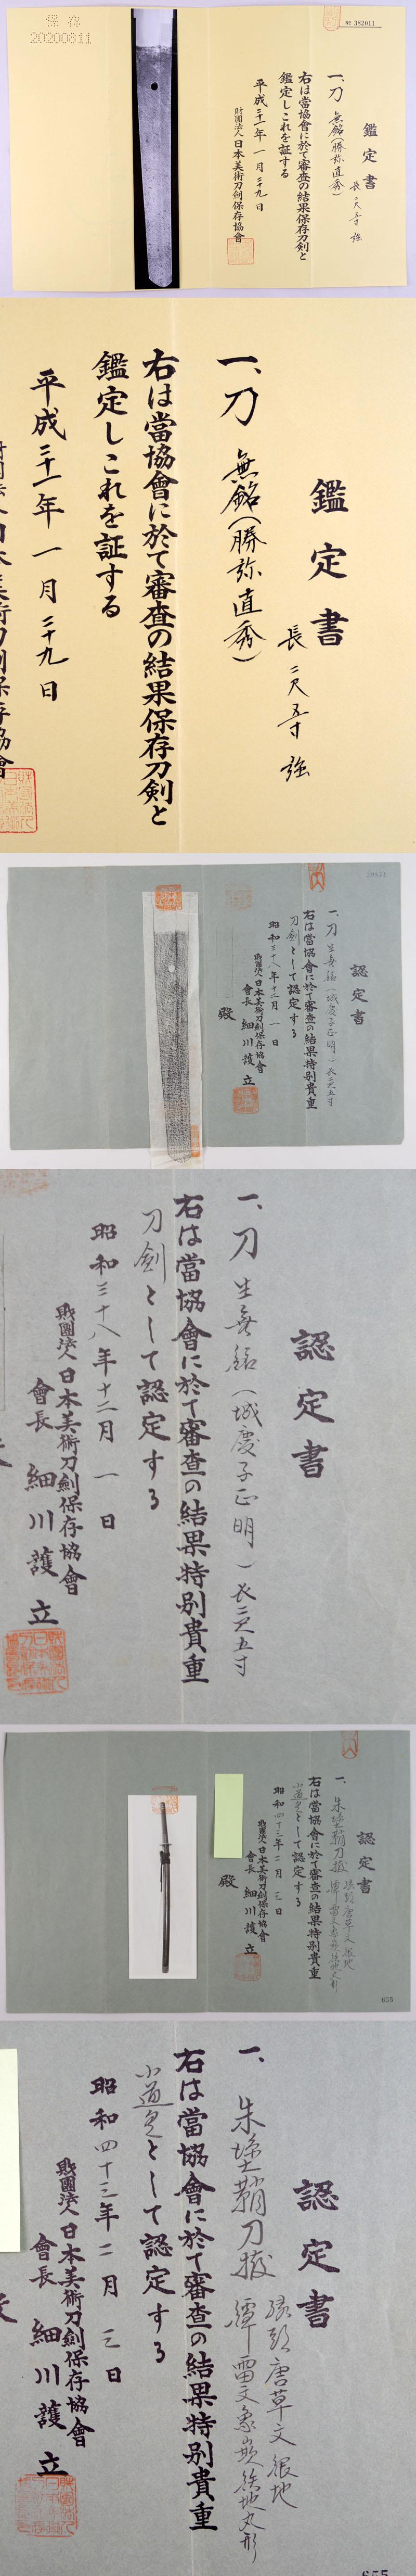 無銘(勝弥直秀)(荘司勝弥直秀) (津藩工) Picture of Certificate